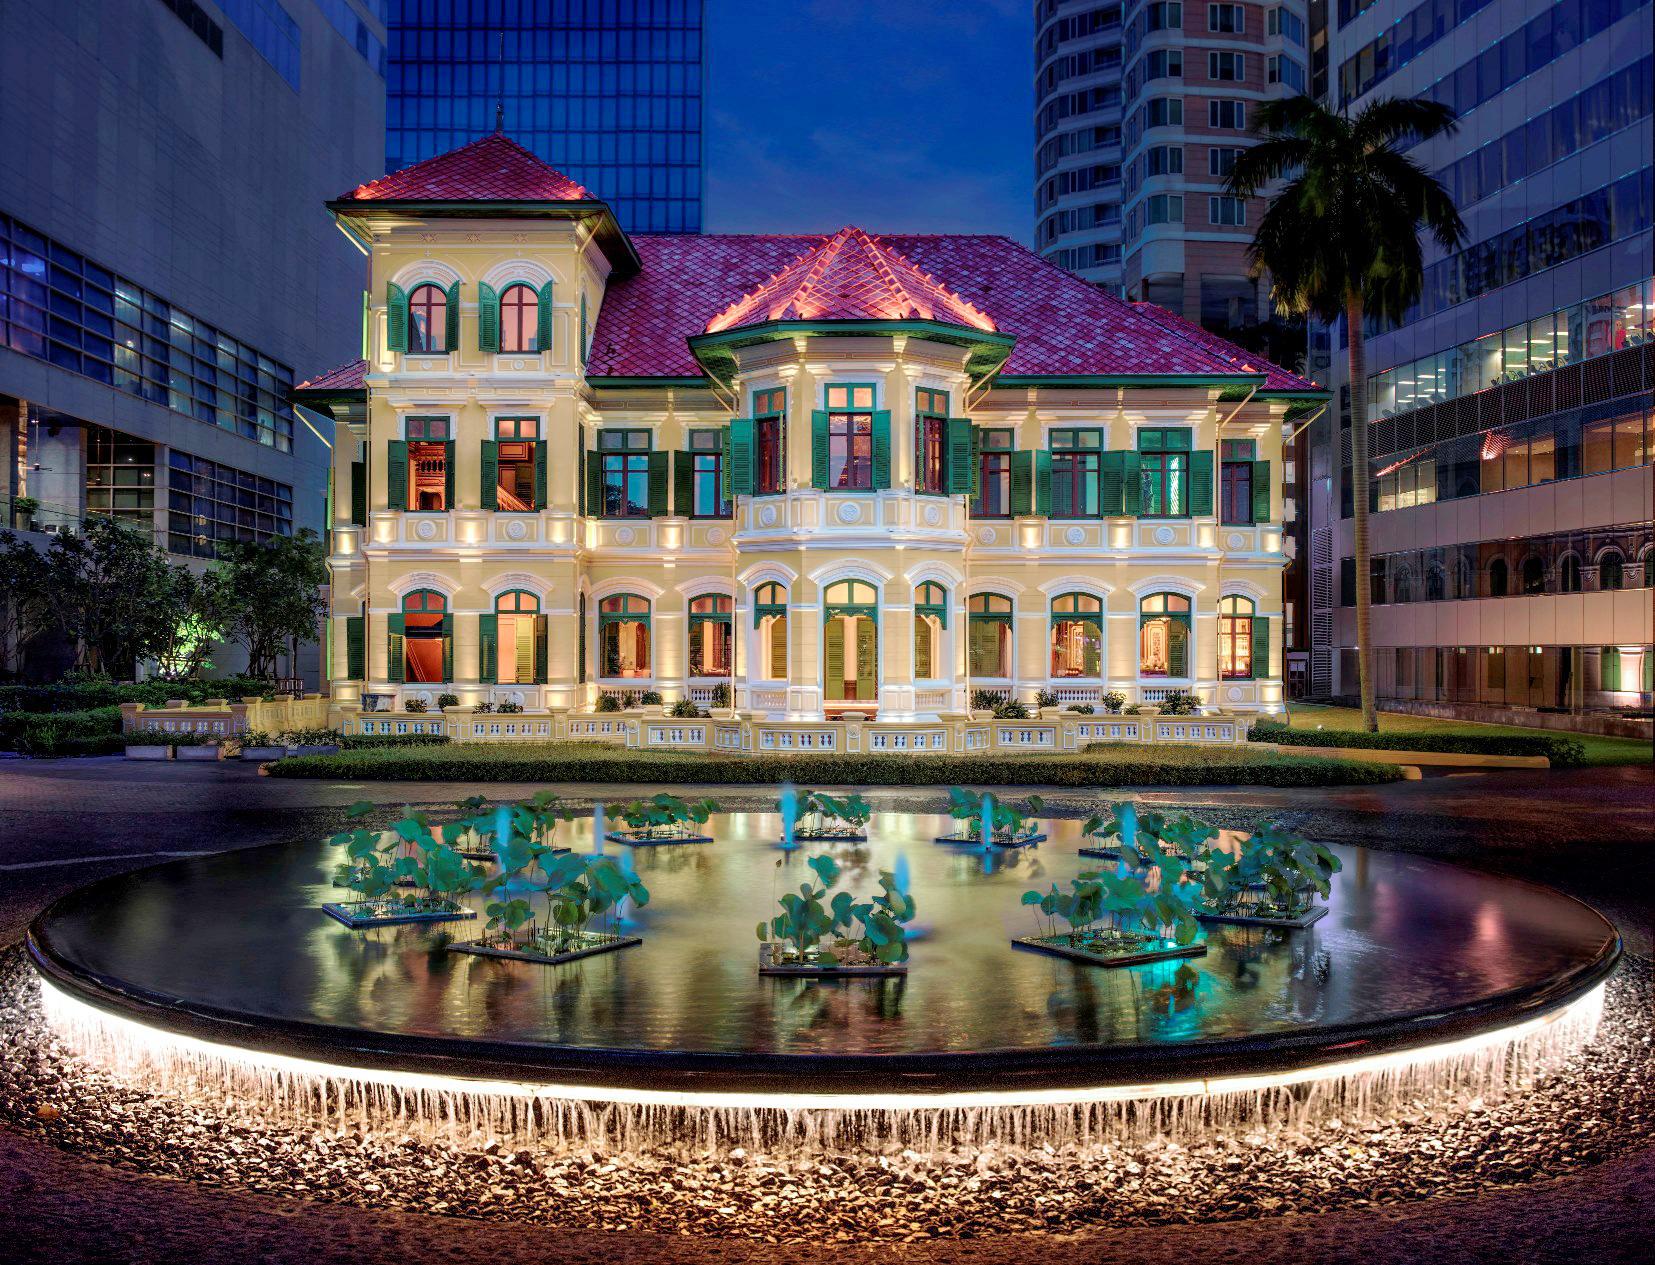 special thanks : The House on Sathorn / W Hotel  106 Sathorn Nueu Road, Silom, Bangkok  Tel 02 344 4025  www.whotelbangkok.com/thehouseonsathorn   www.thehouseonsathorn.com